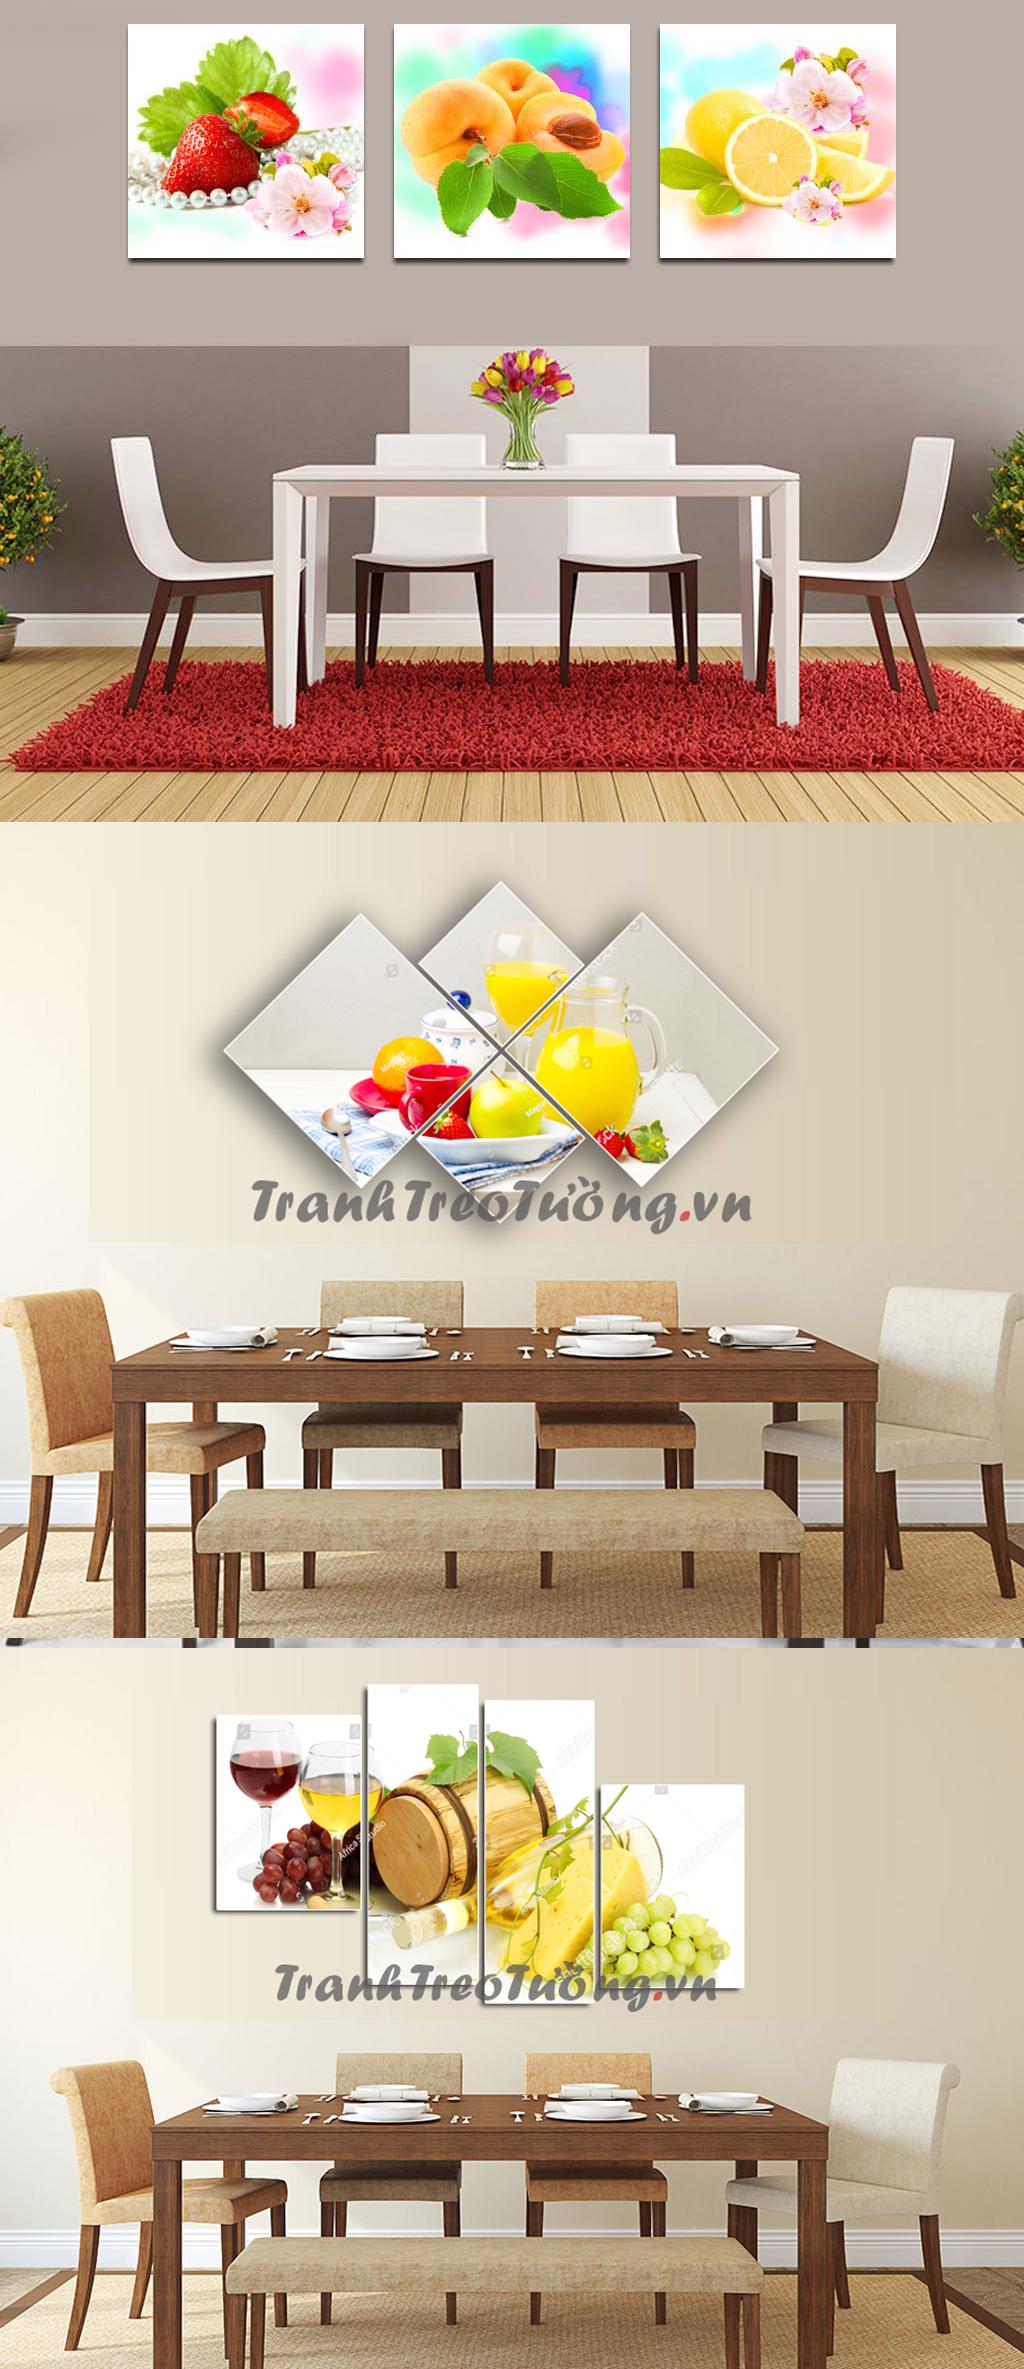 Tranh trang trí phòng bếp56